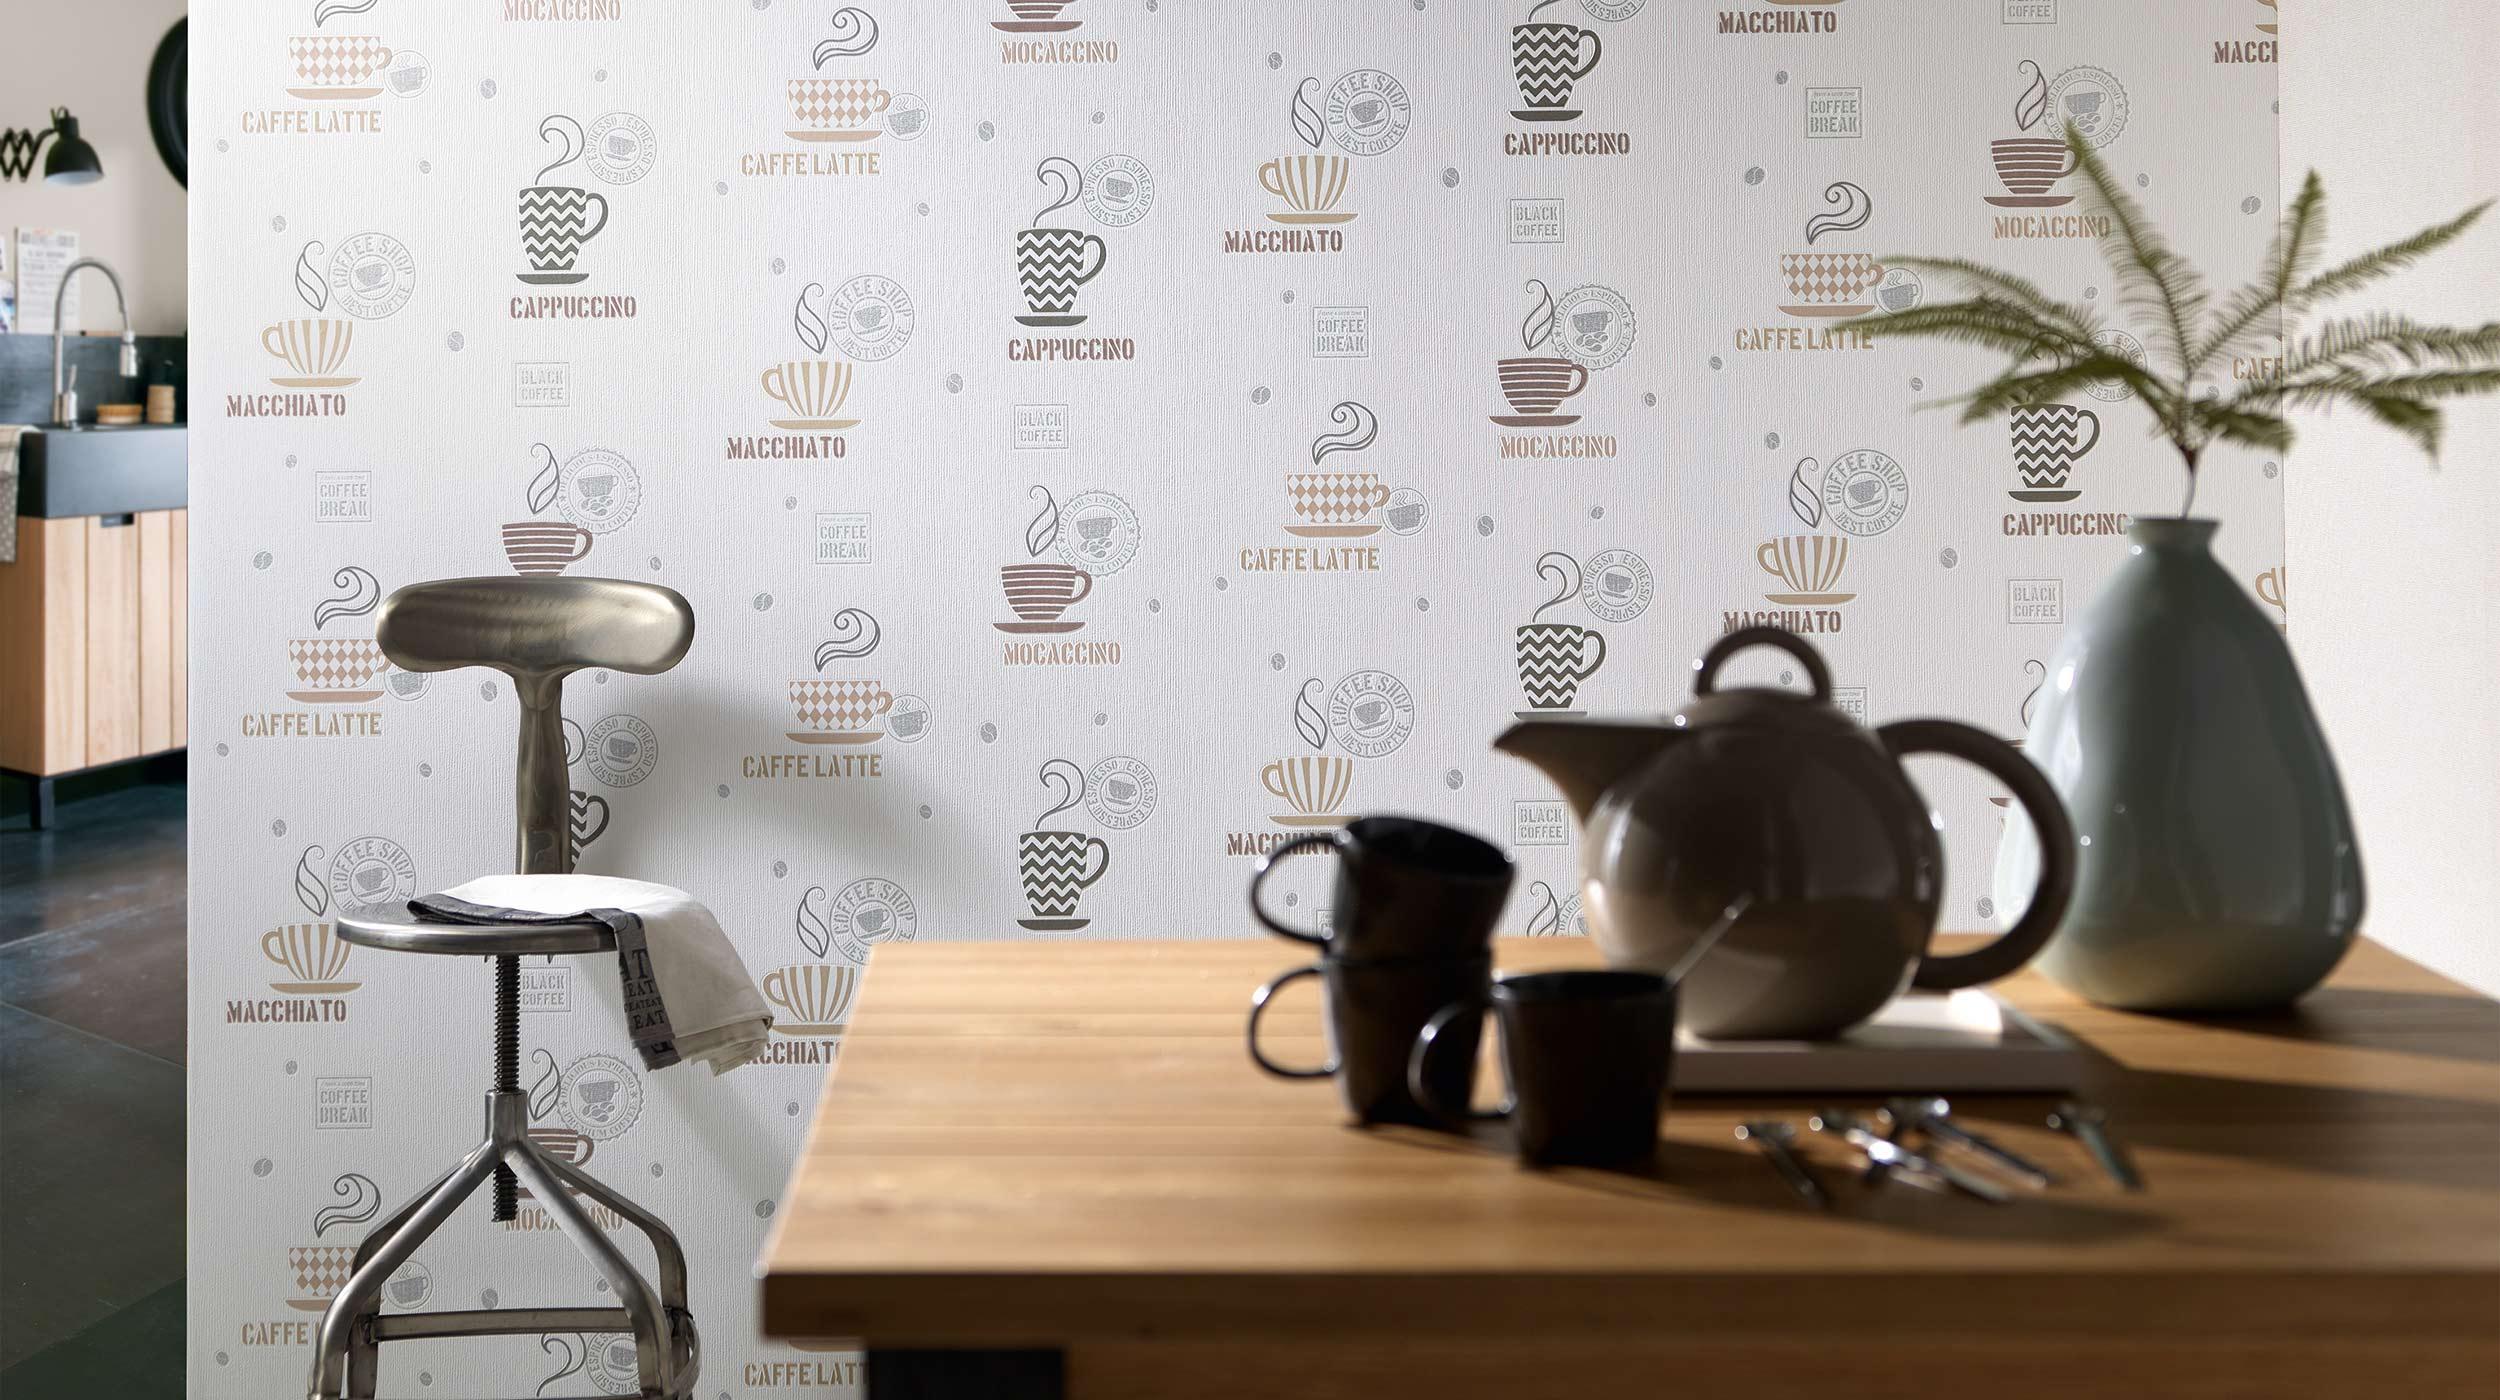 Full Size of Tapete Küche Kaffee La Maison Erismann Cie Gmbh Ausstellungsküche Led Deckenleuchte Deko Für Sprüche Die Aluminium Verbundplatte Komplettküche Büroküche Wohnzimmer Tapete Küche Kaffee